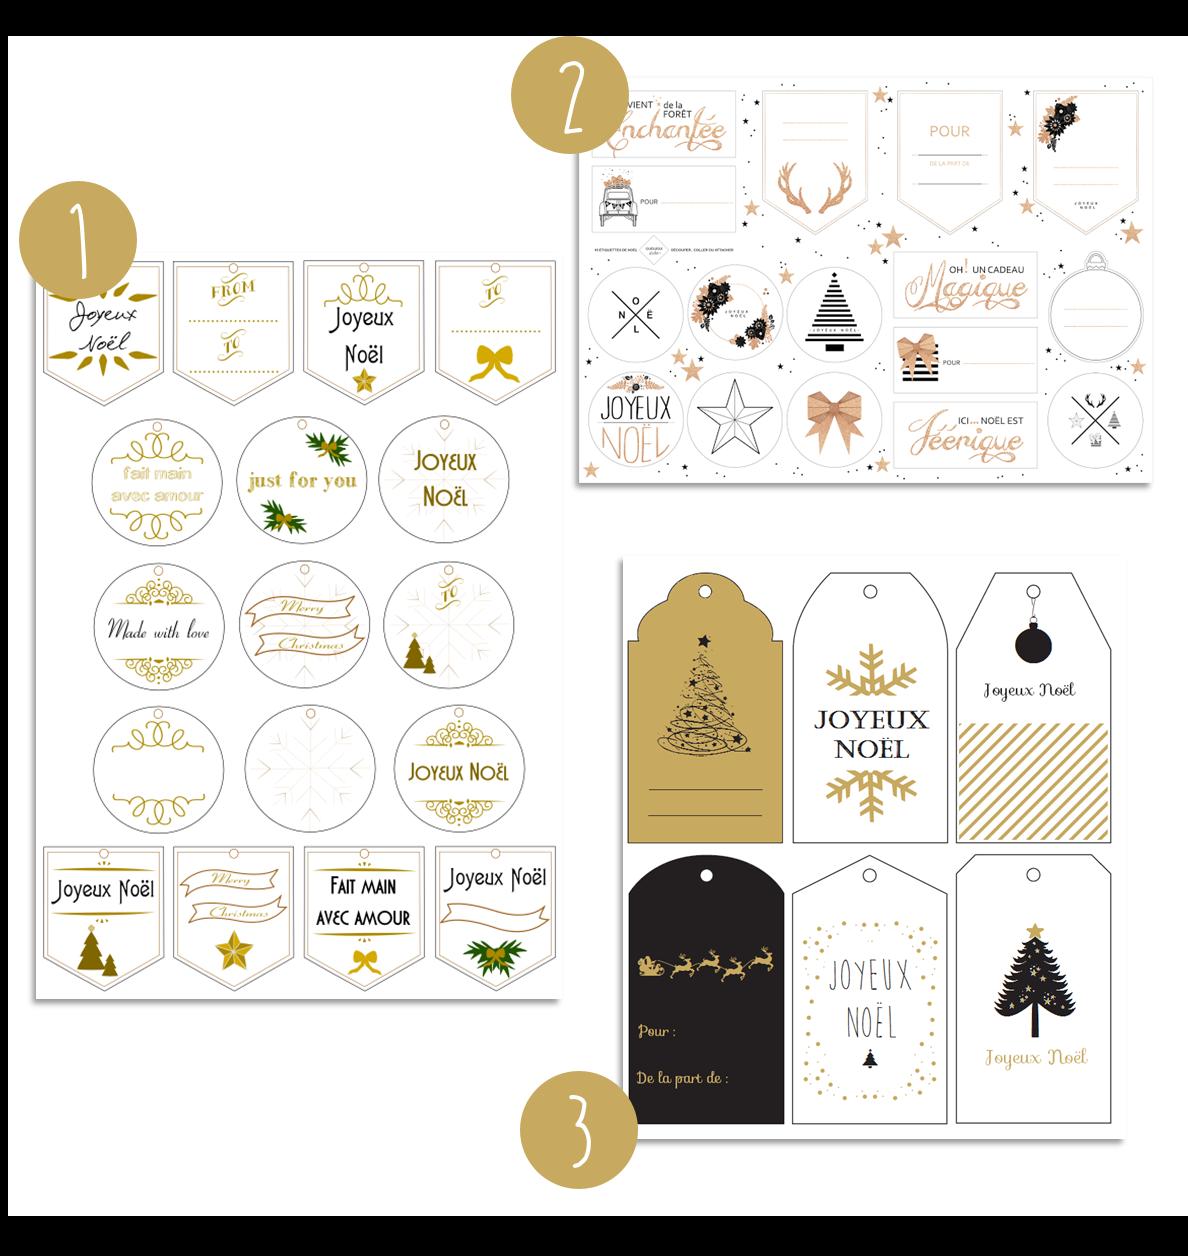 une s lection d 39 tiquettes de no l imprimer gratuitement provenant de 9 blogs diff rents. Black Bedroom Furniture Sets. Home Design Ideas